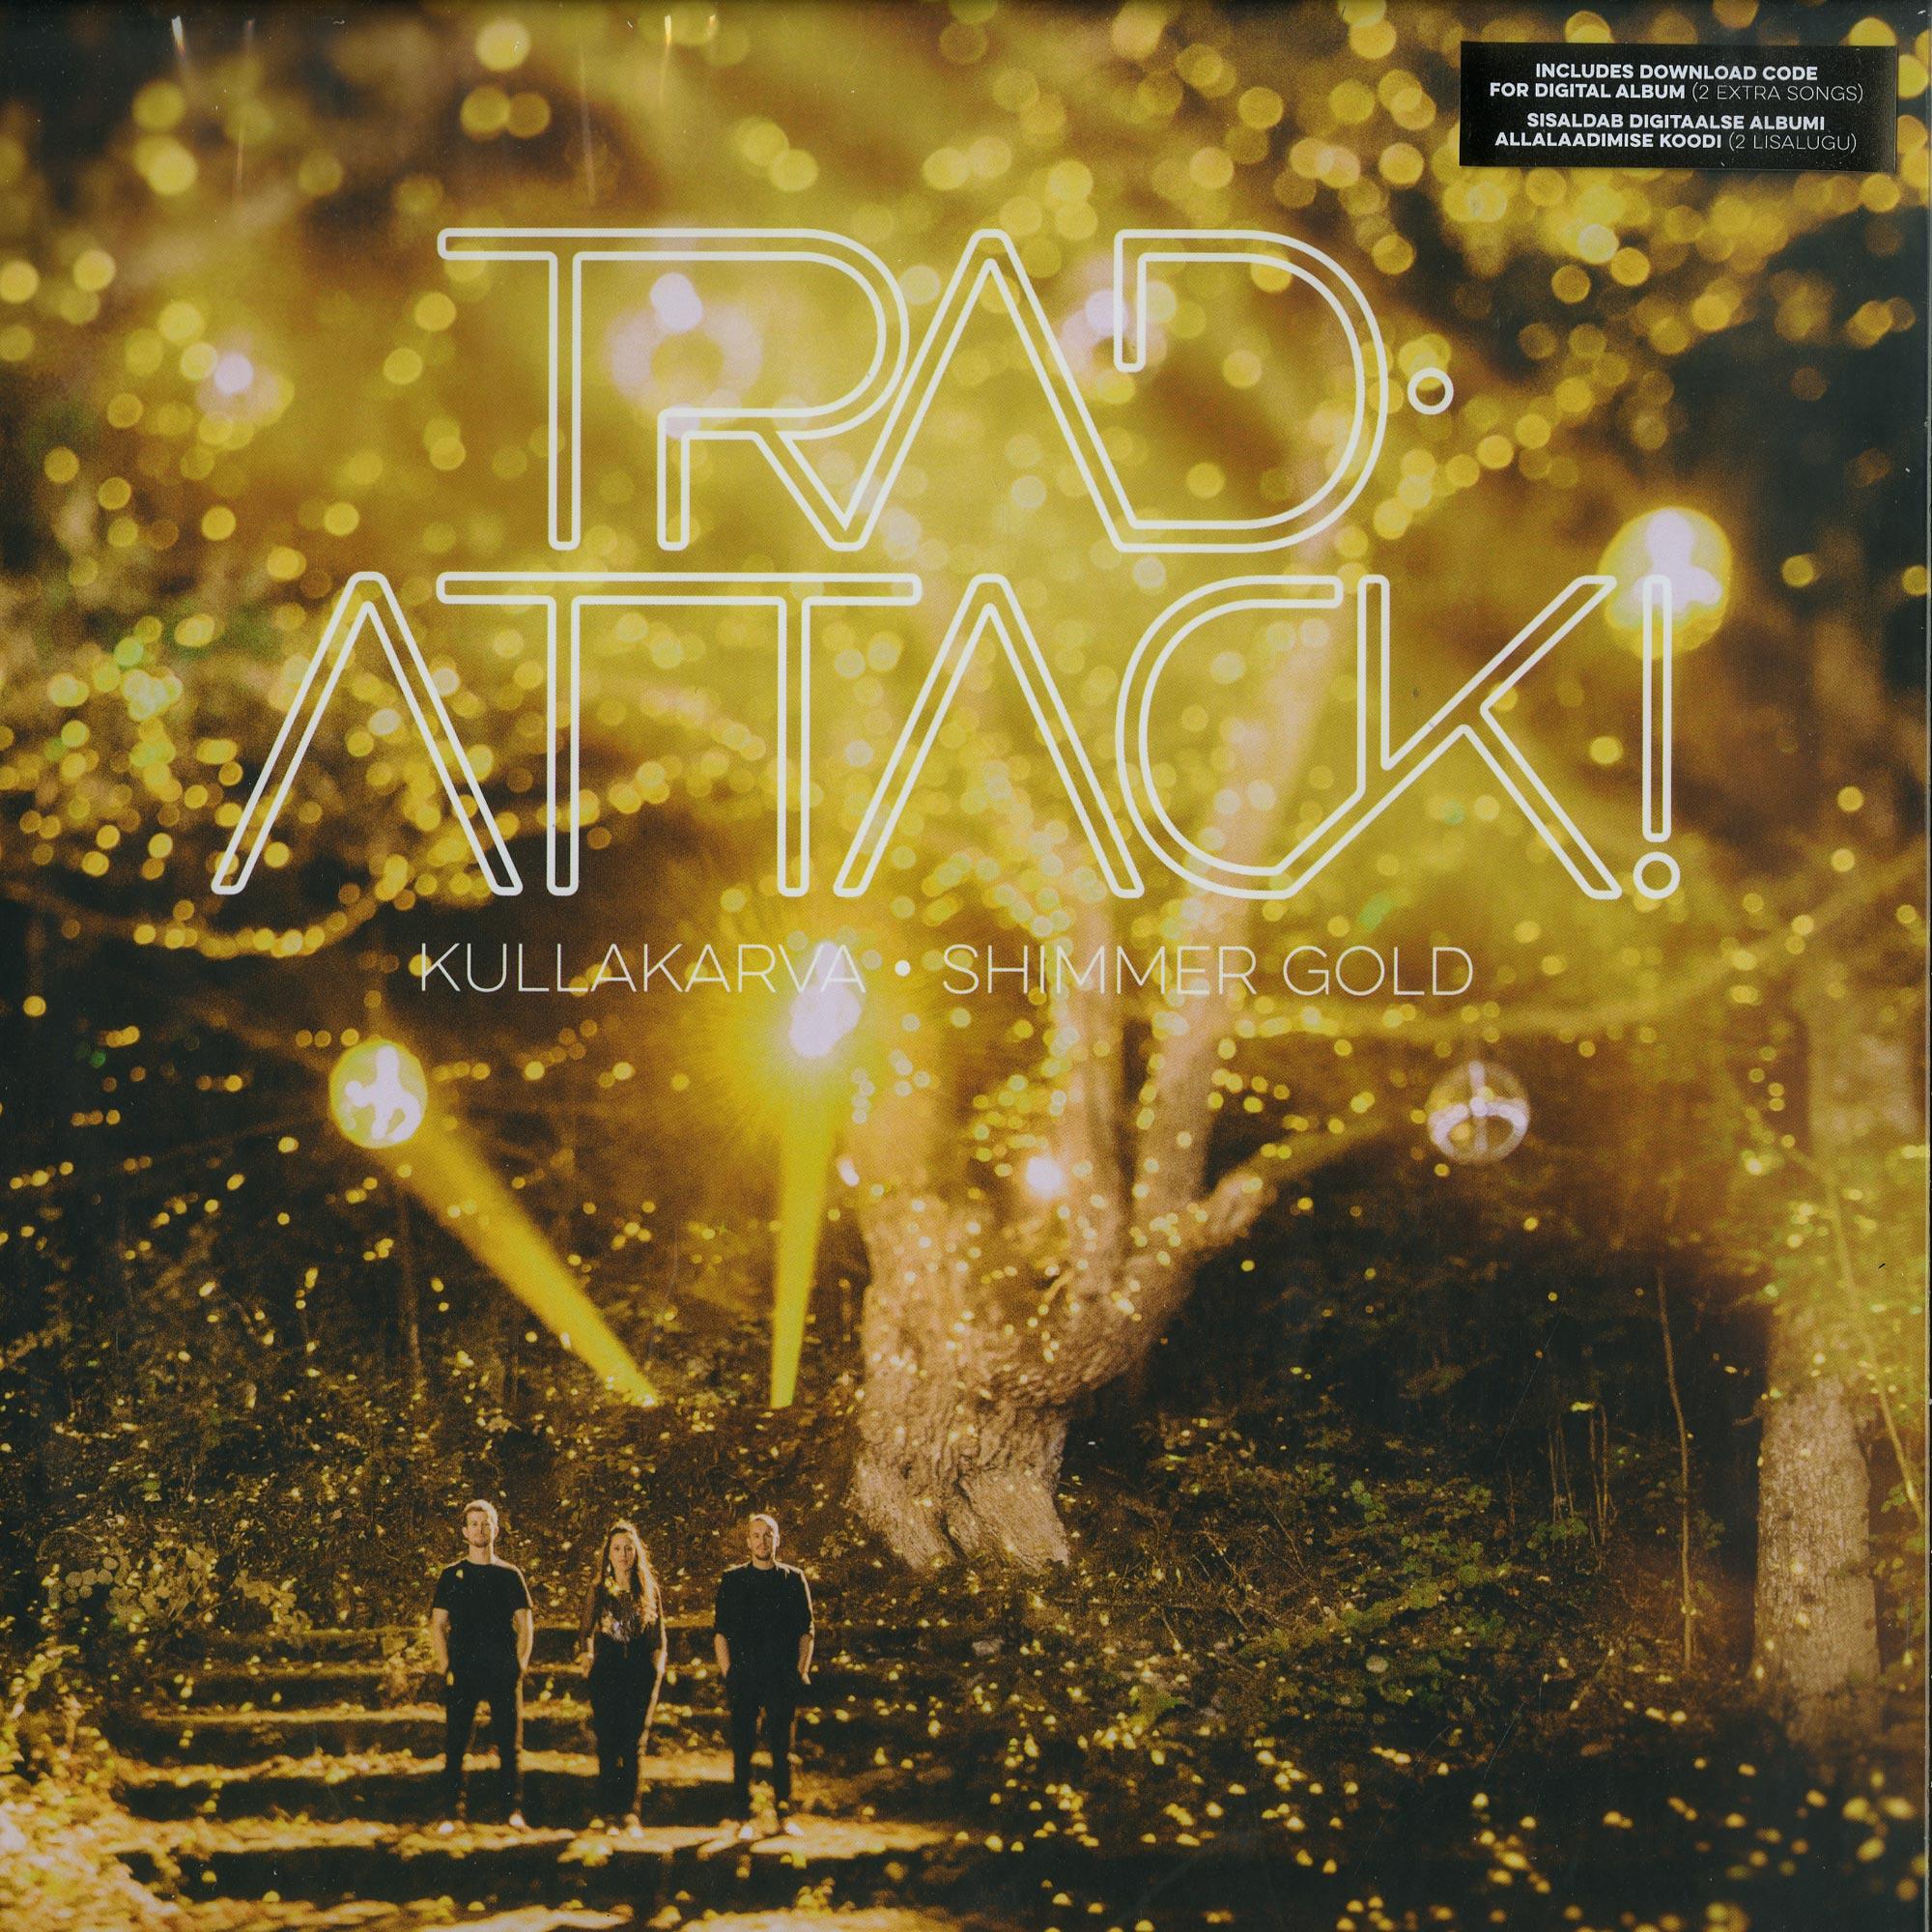 V/A of Trad Attack! - KULLAKARVA - SHIMMER GOLD